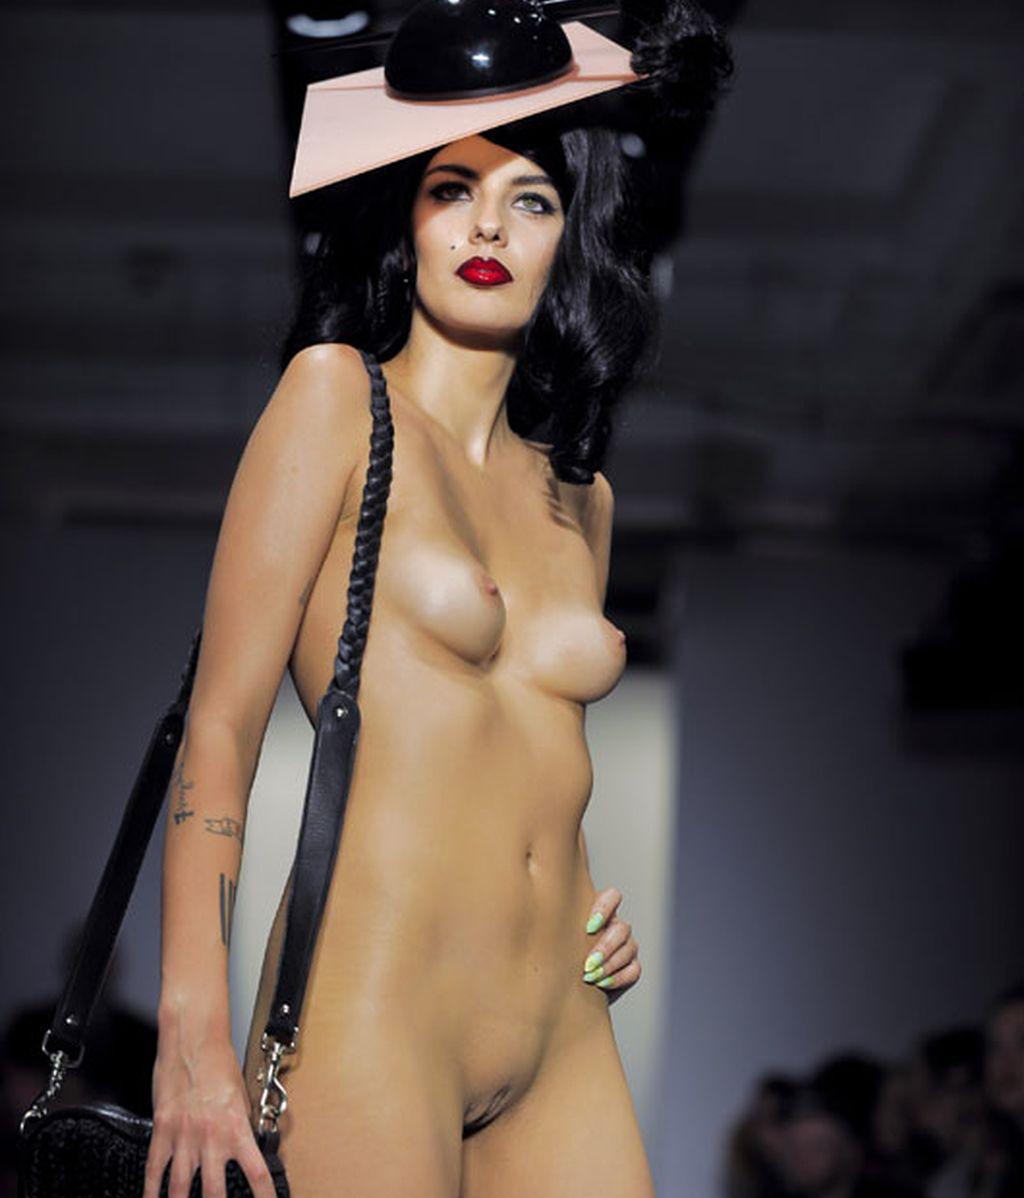 diseñador fetiche de lady gaga